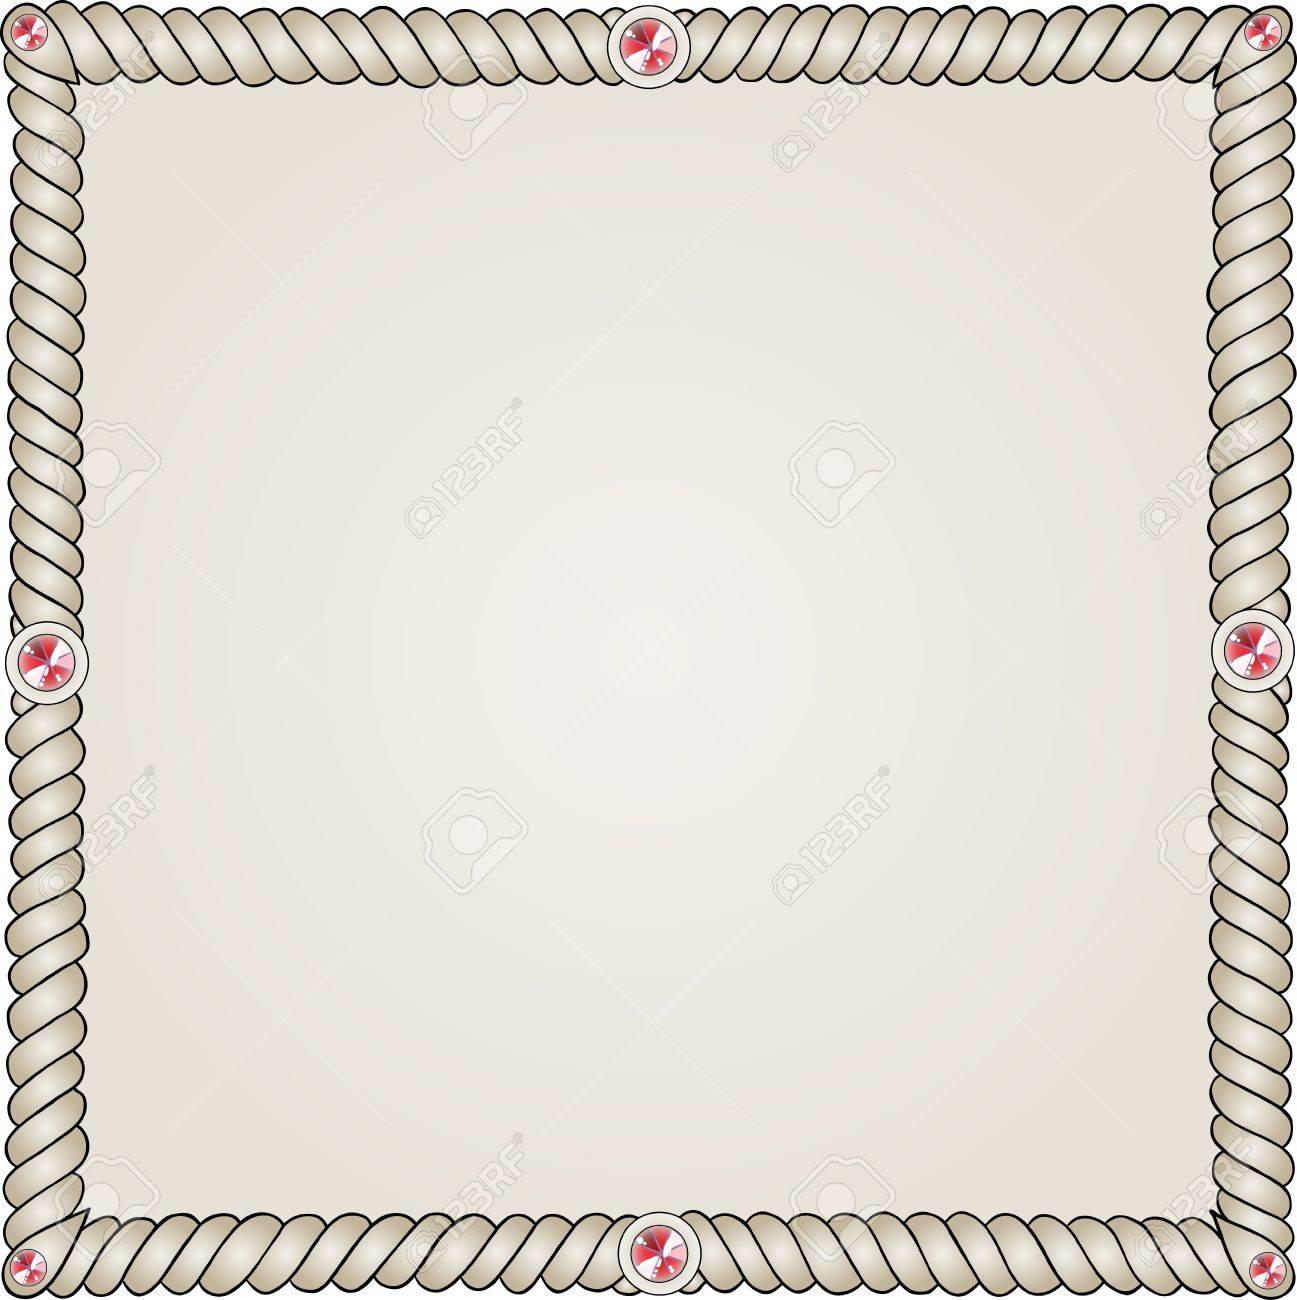 Einzigartige Handgezeichnete Rahmen Mit Platz Für Ihren Text Oder ...